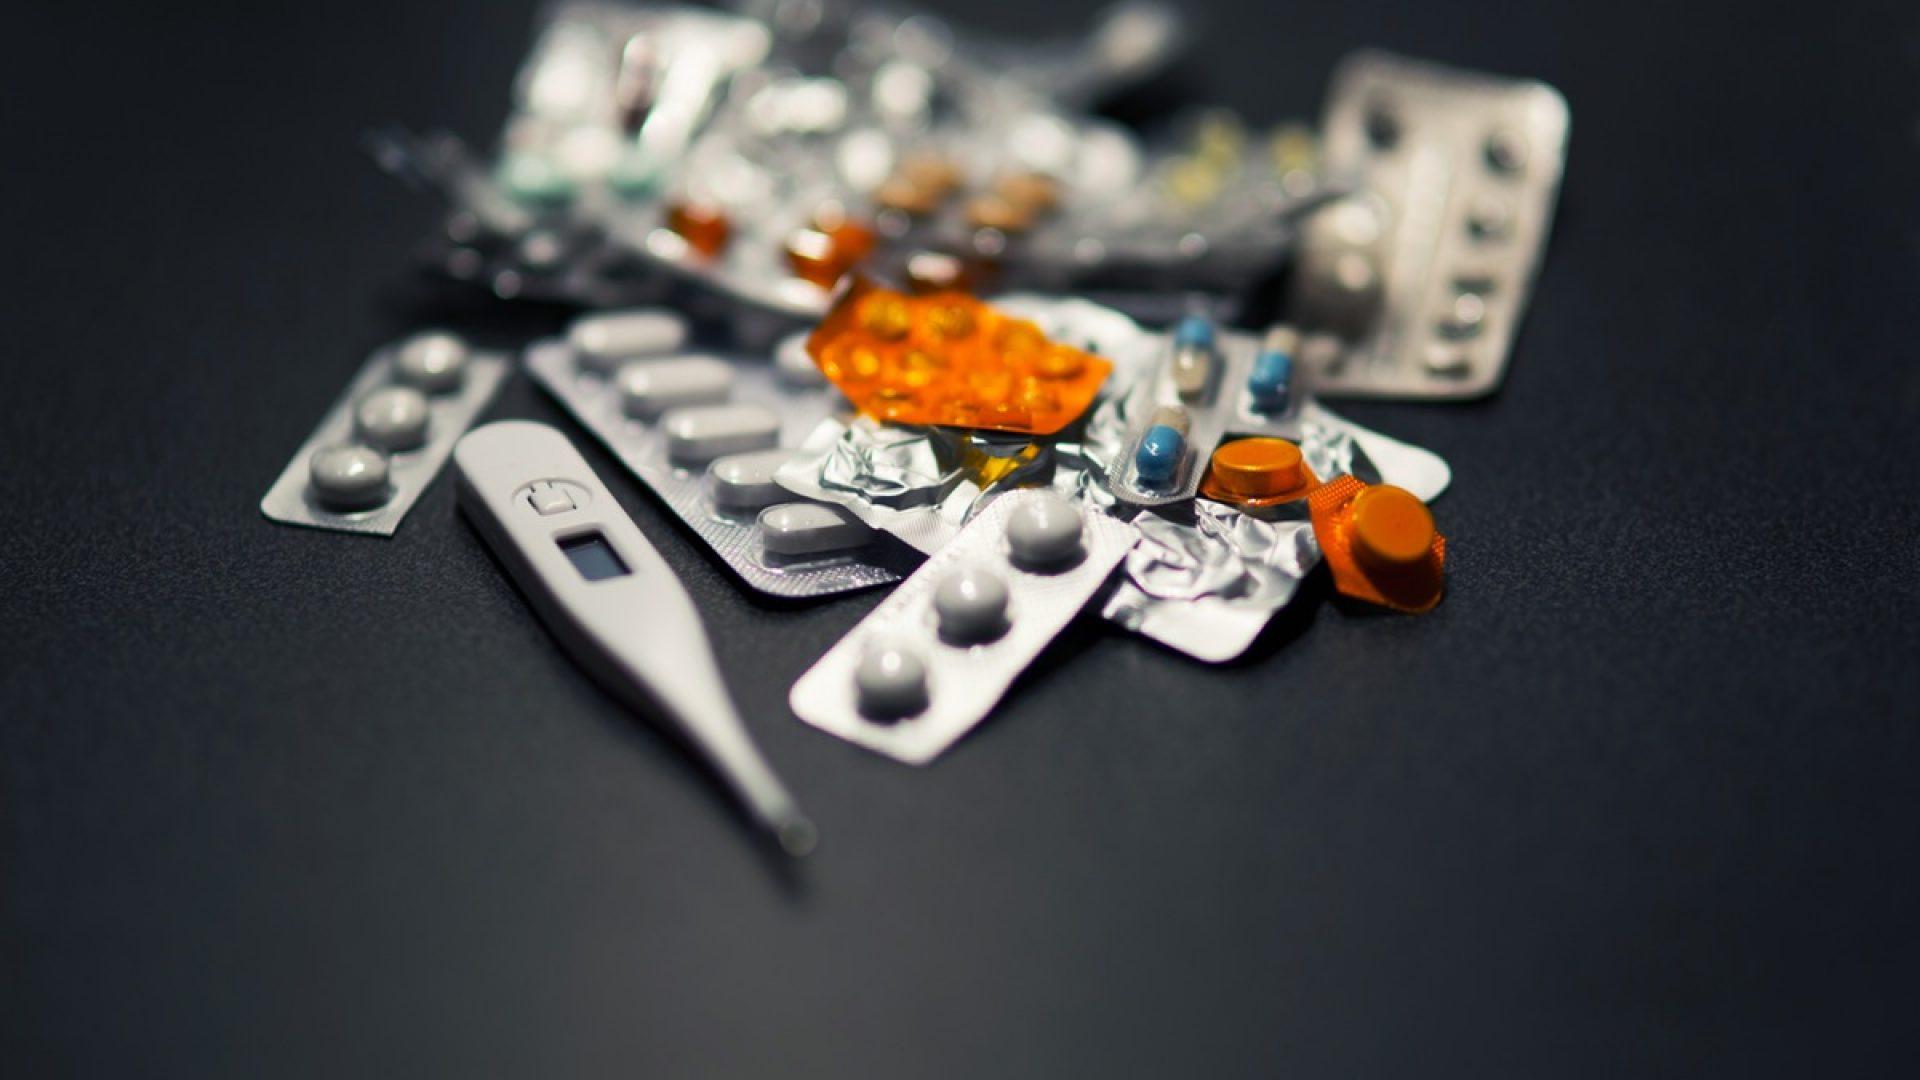 listki z lekarstwami, termometr elektroniczny